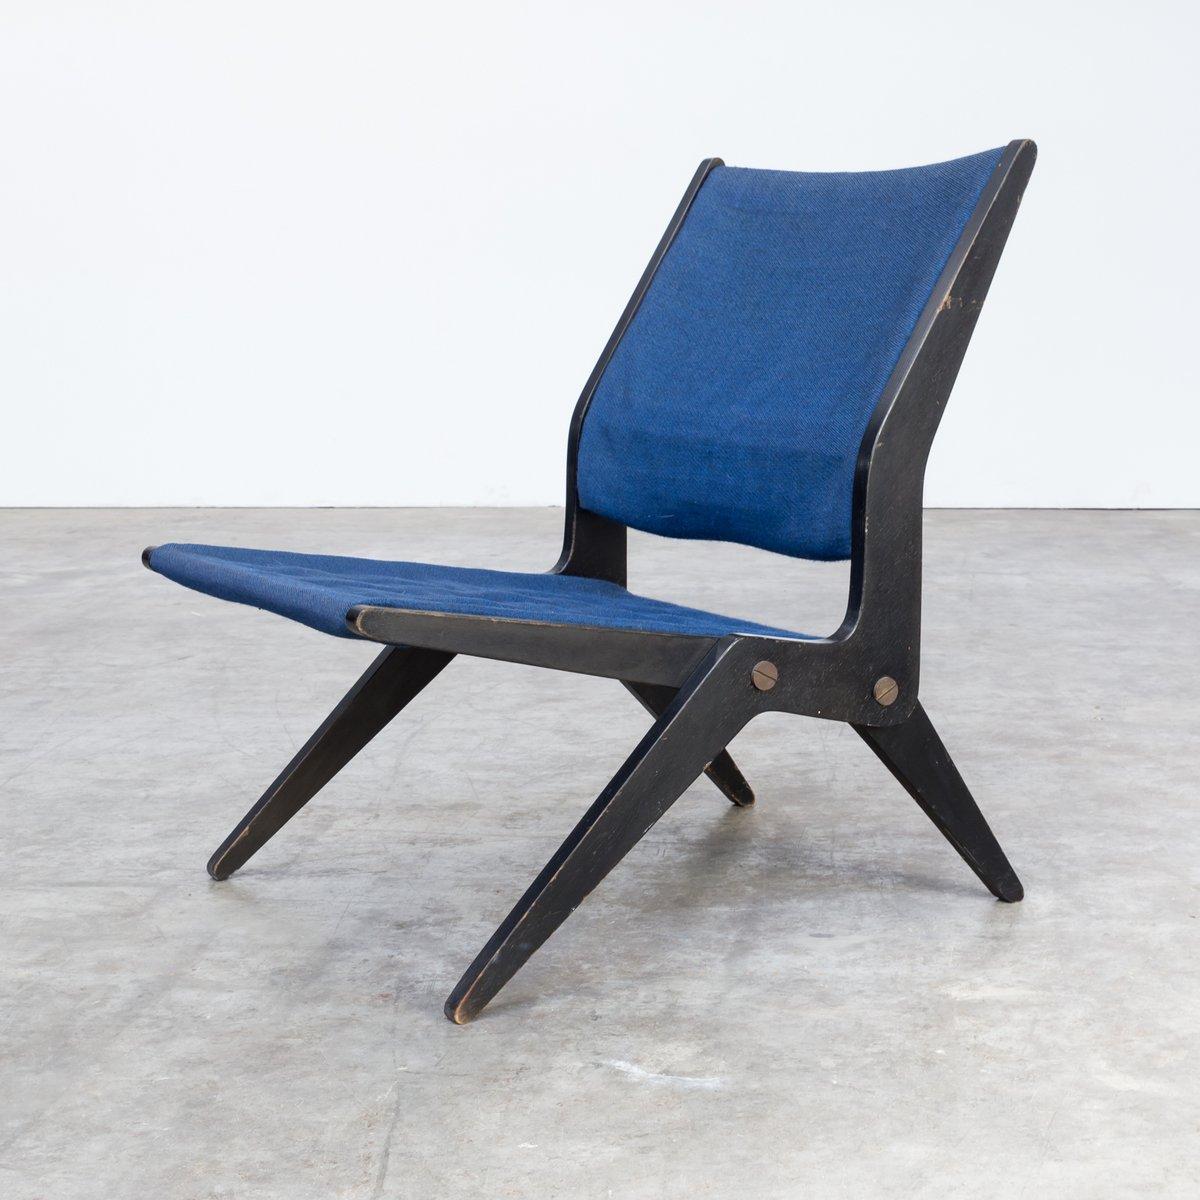 chaise d 39 appoint par bengt kerblom pour akerblom 1950s en vente sur pamono. Black Bedroom Furniture Sets. Home Design Ideas